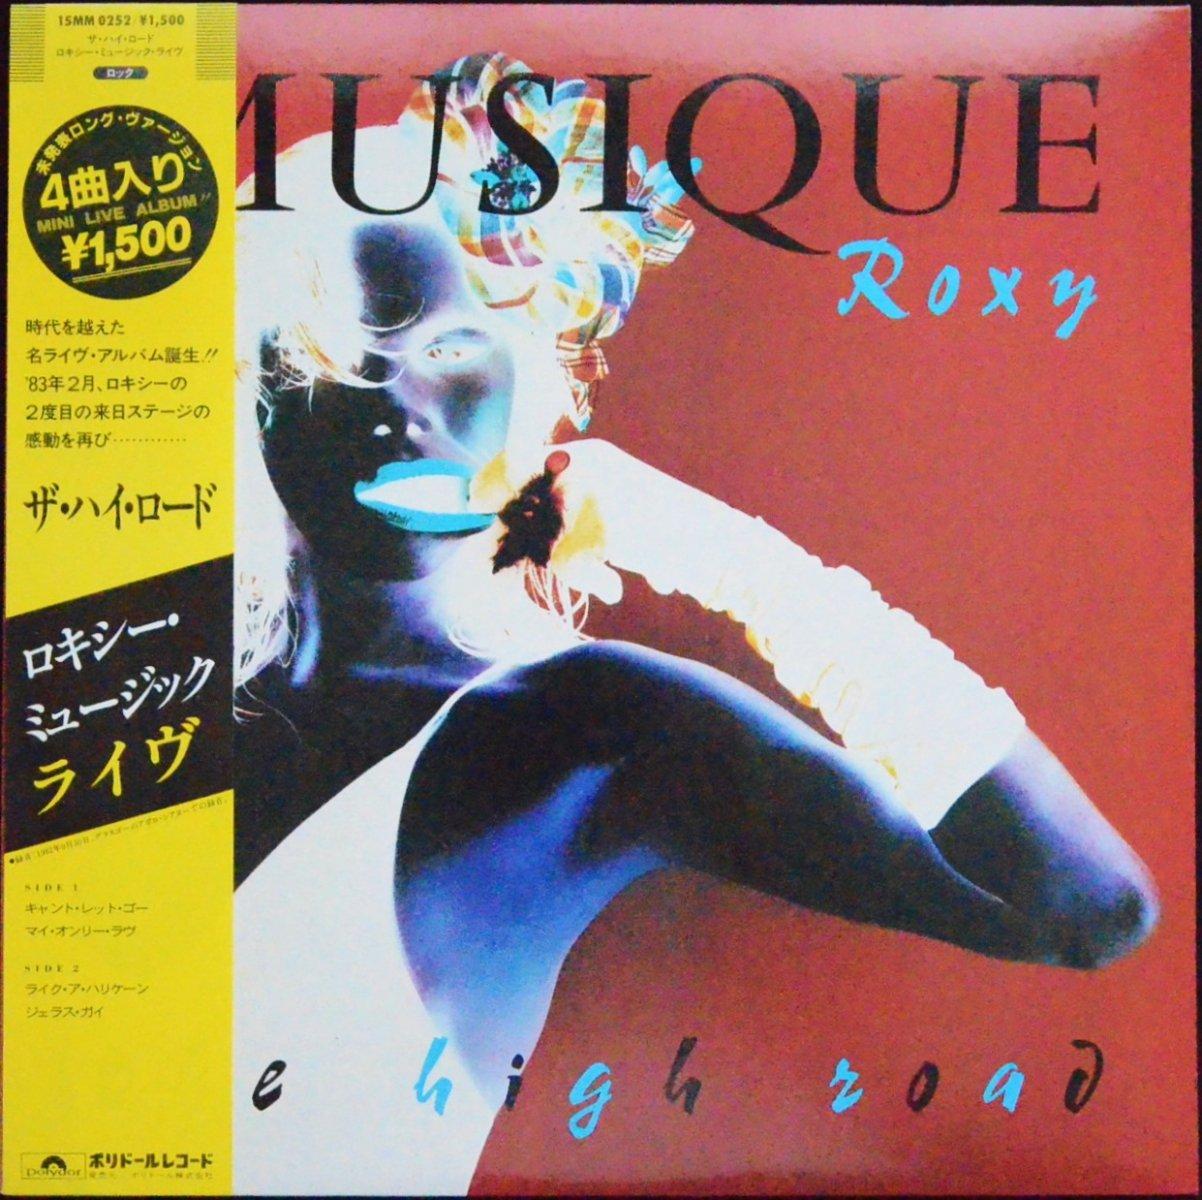 ロキシー・ミュージック ROXY MUSIC / ザ・ハイ・ロード THE HIGH ROAD (12